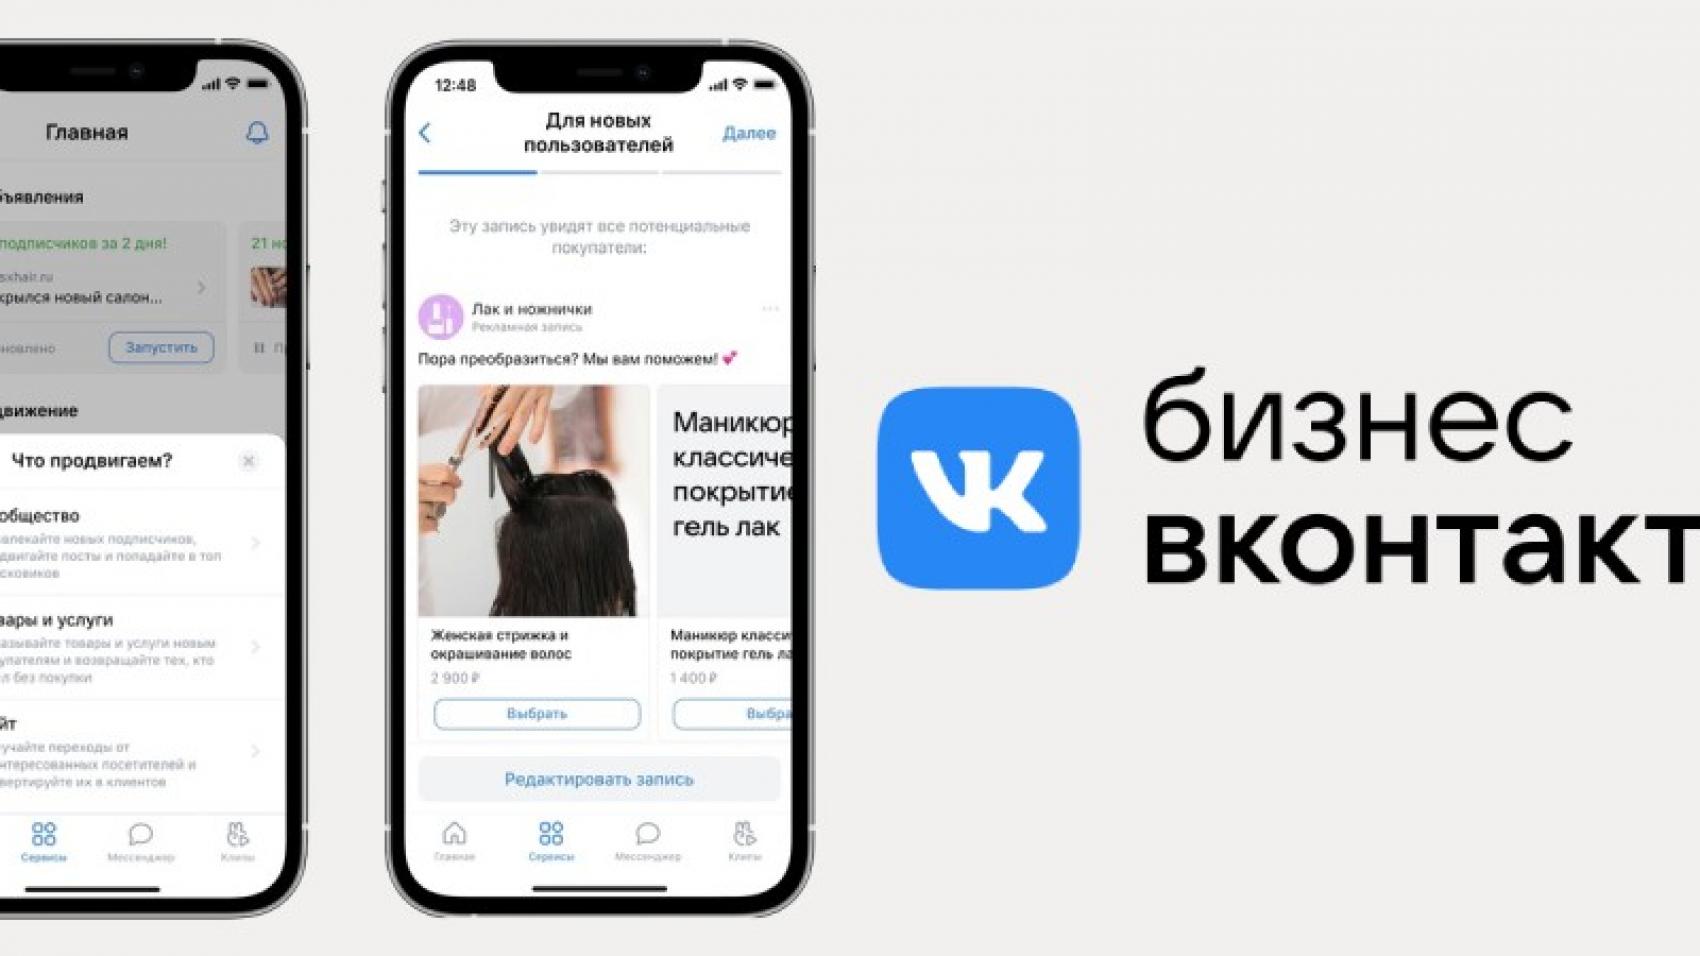 Автопродвижение услуг поможет тем, кто развивает бизнес ВКонтакте